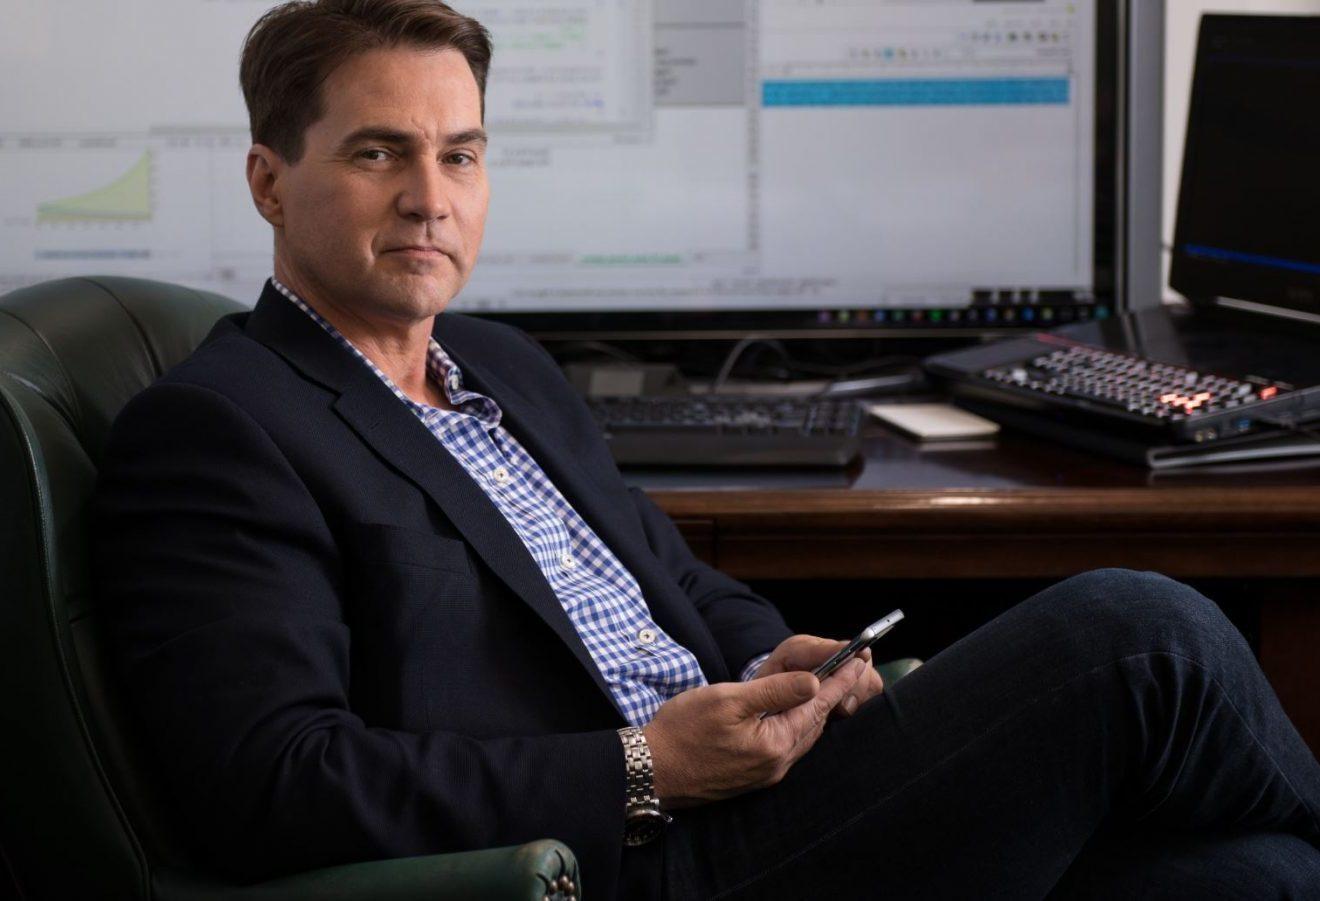 Craig Wright vẫn một mực khẳng định mình có toàn quyền truy cập vào quỹ chứa 1,1 triệu BTC